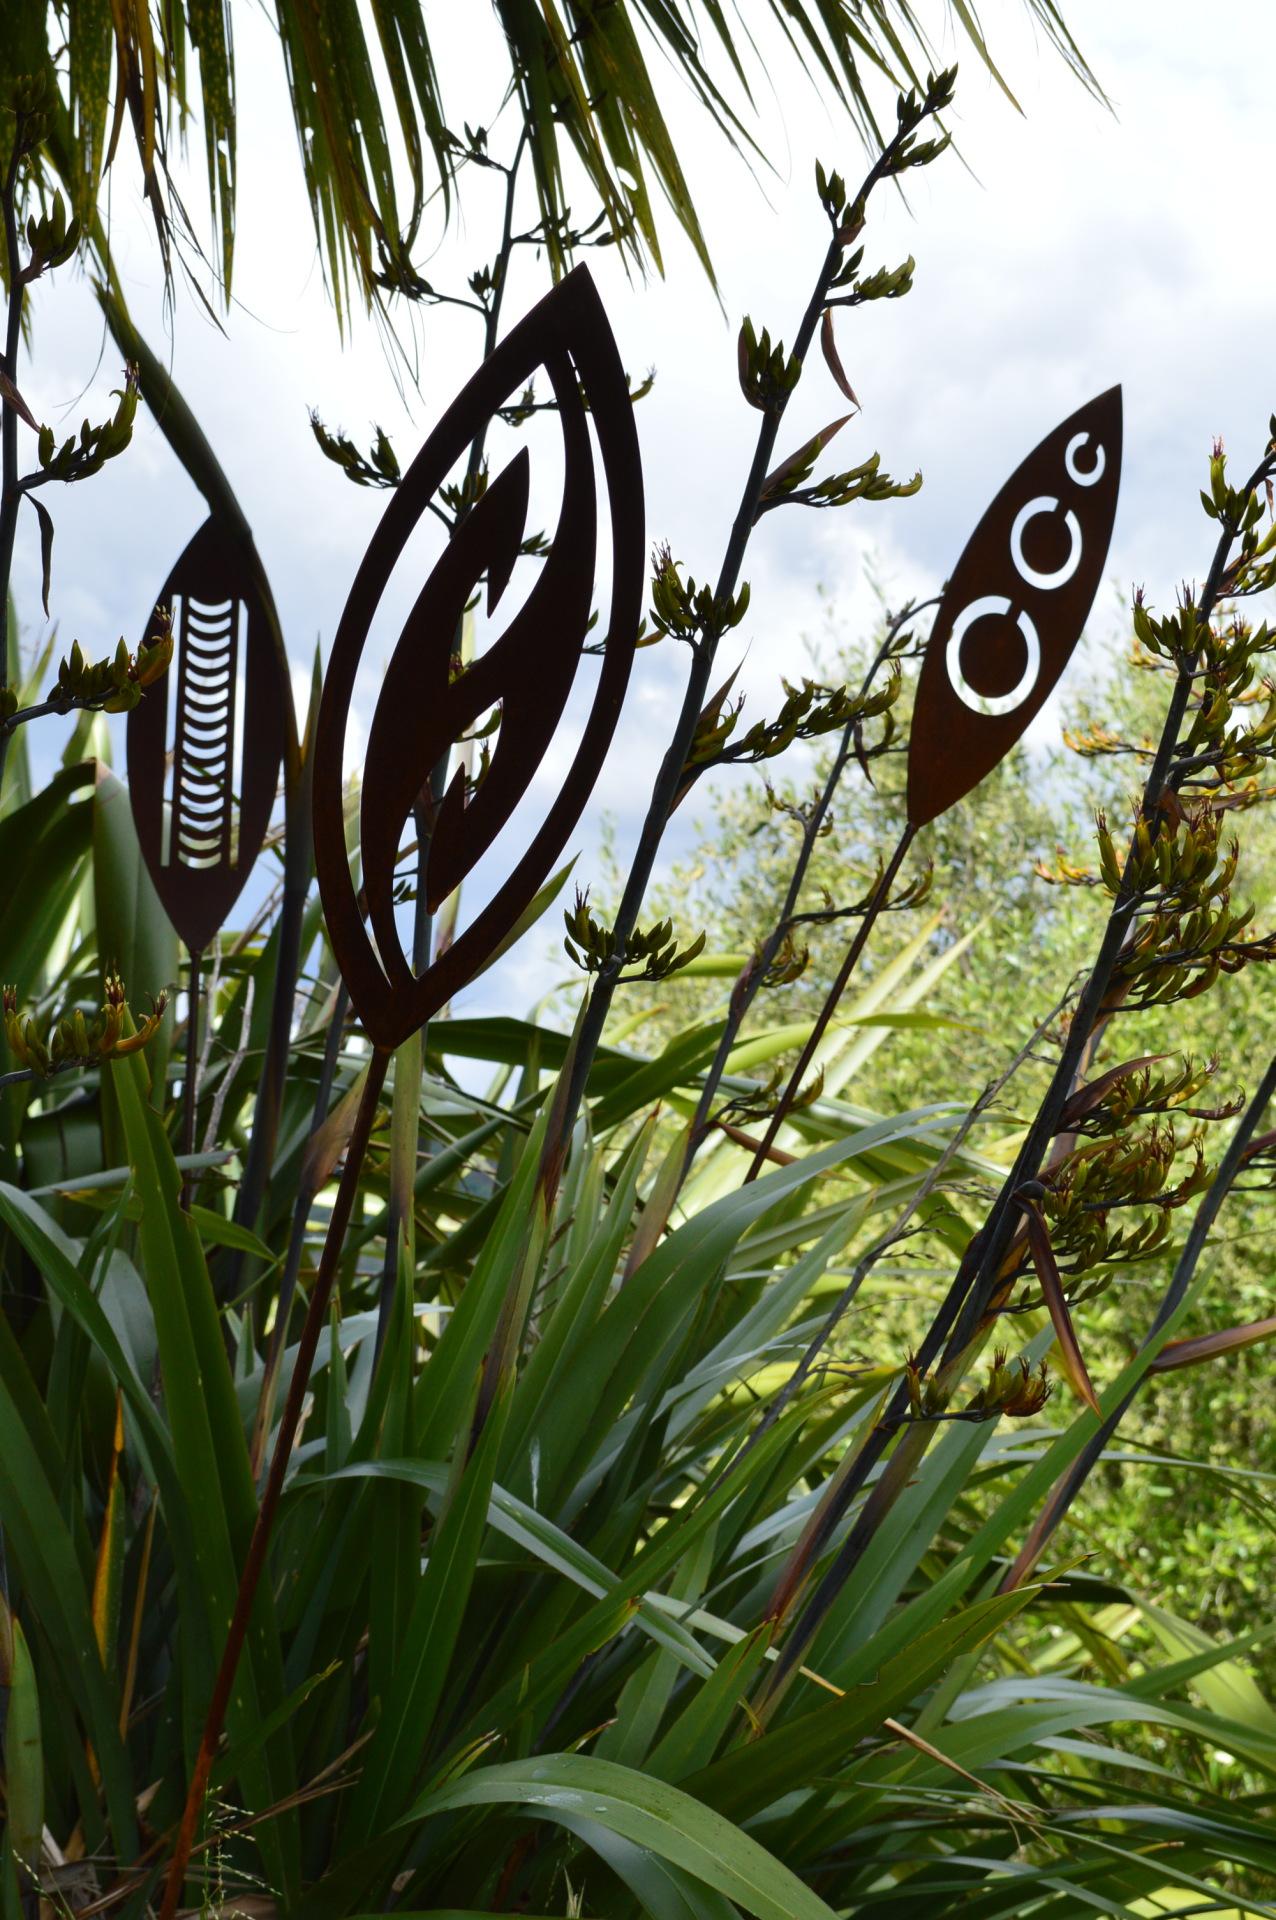 rusty spears